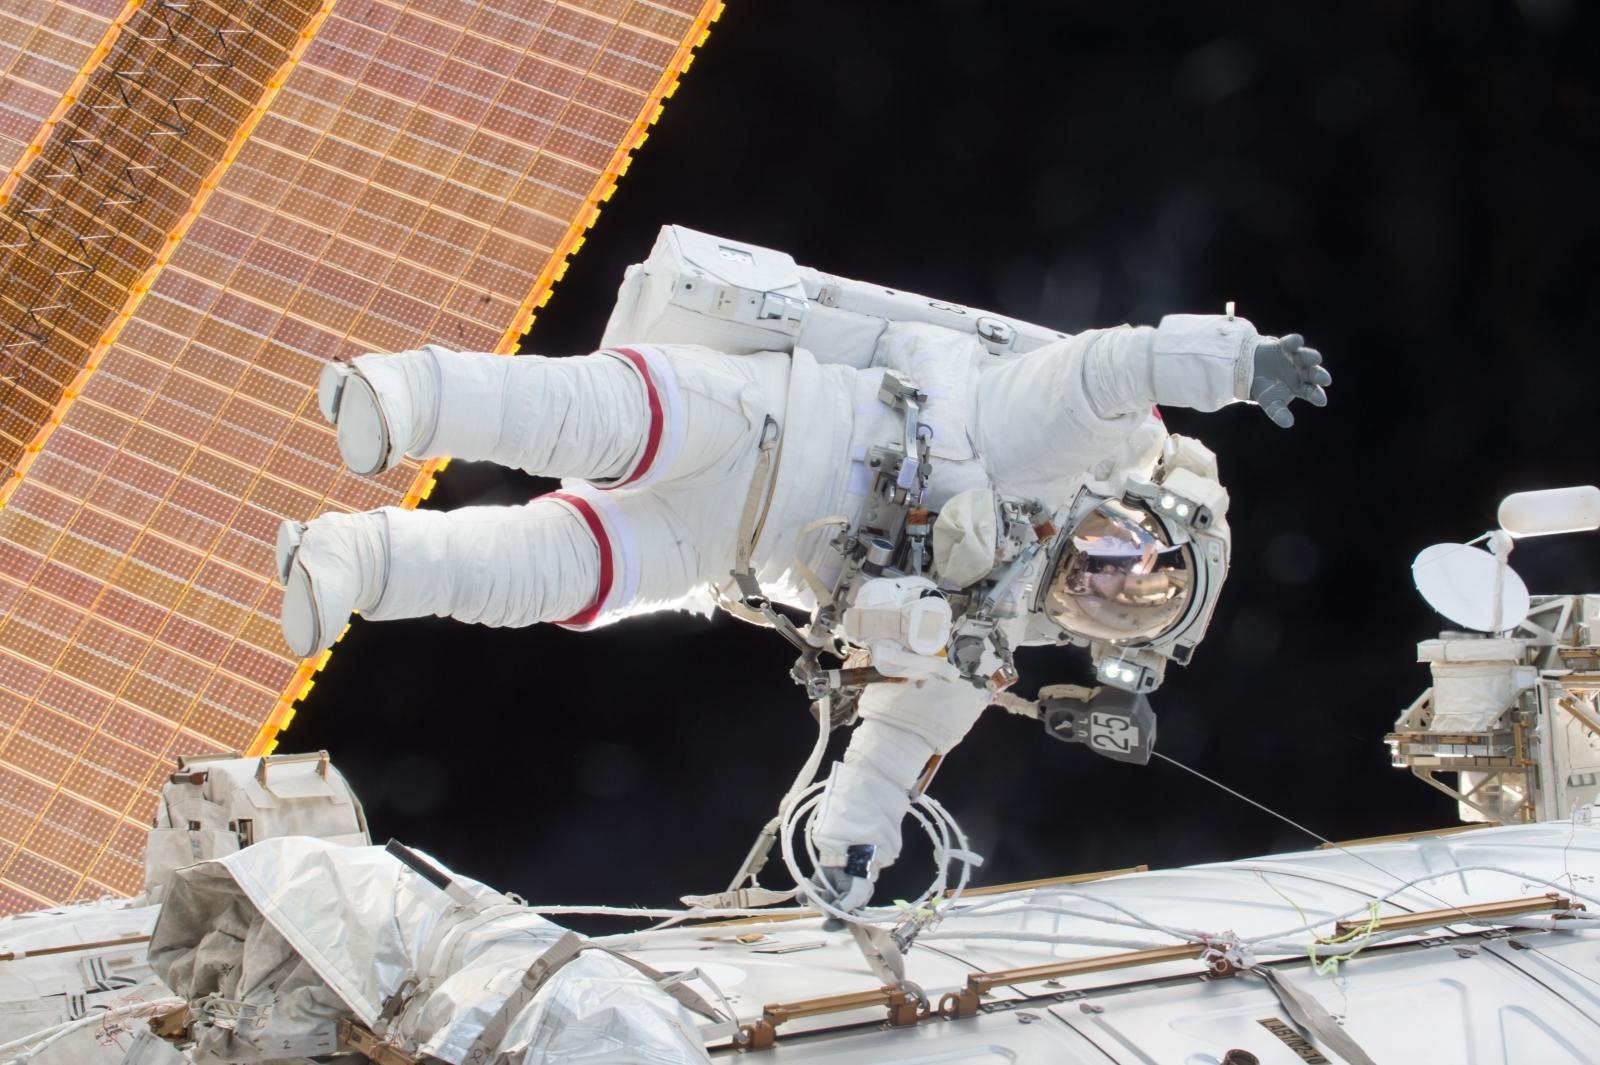 Russian spacewalks